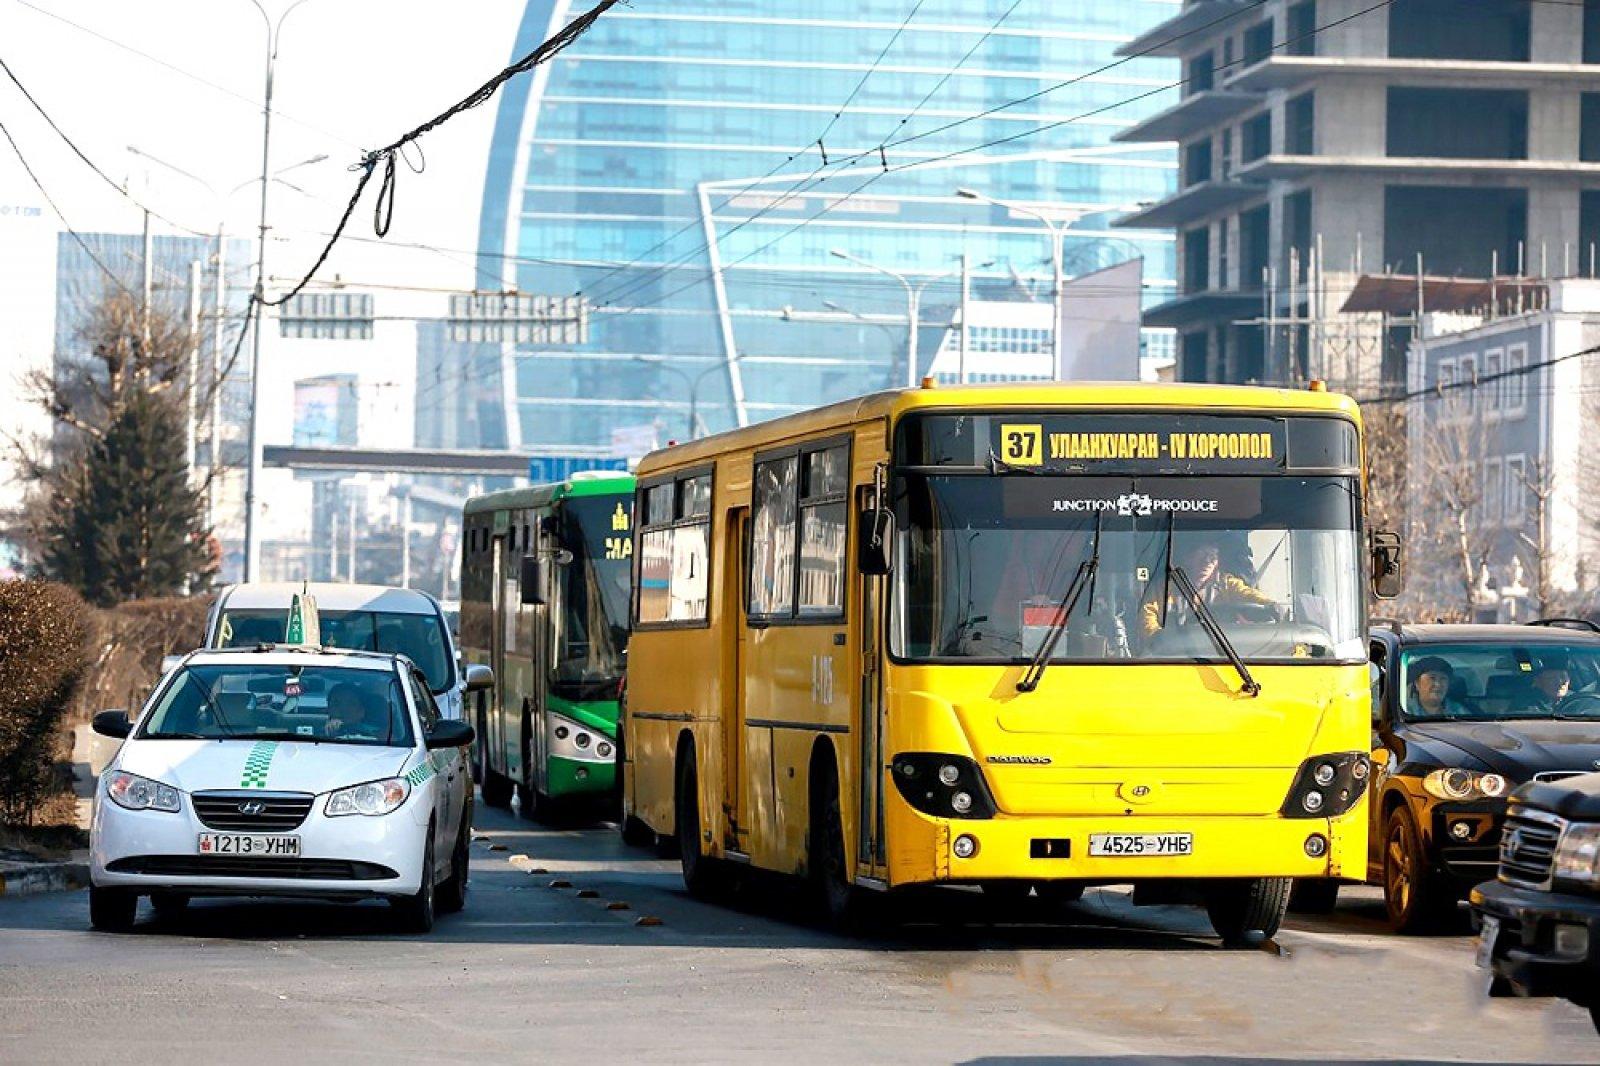 Амны хаалтгүй иргэдэд нийтийн тээвэр үйлчлэхгүй